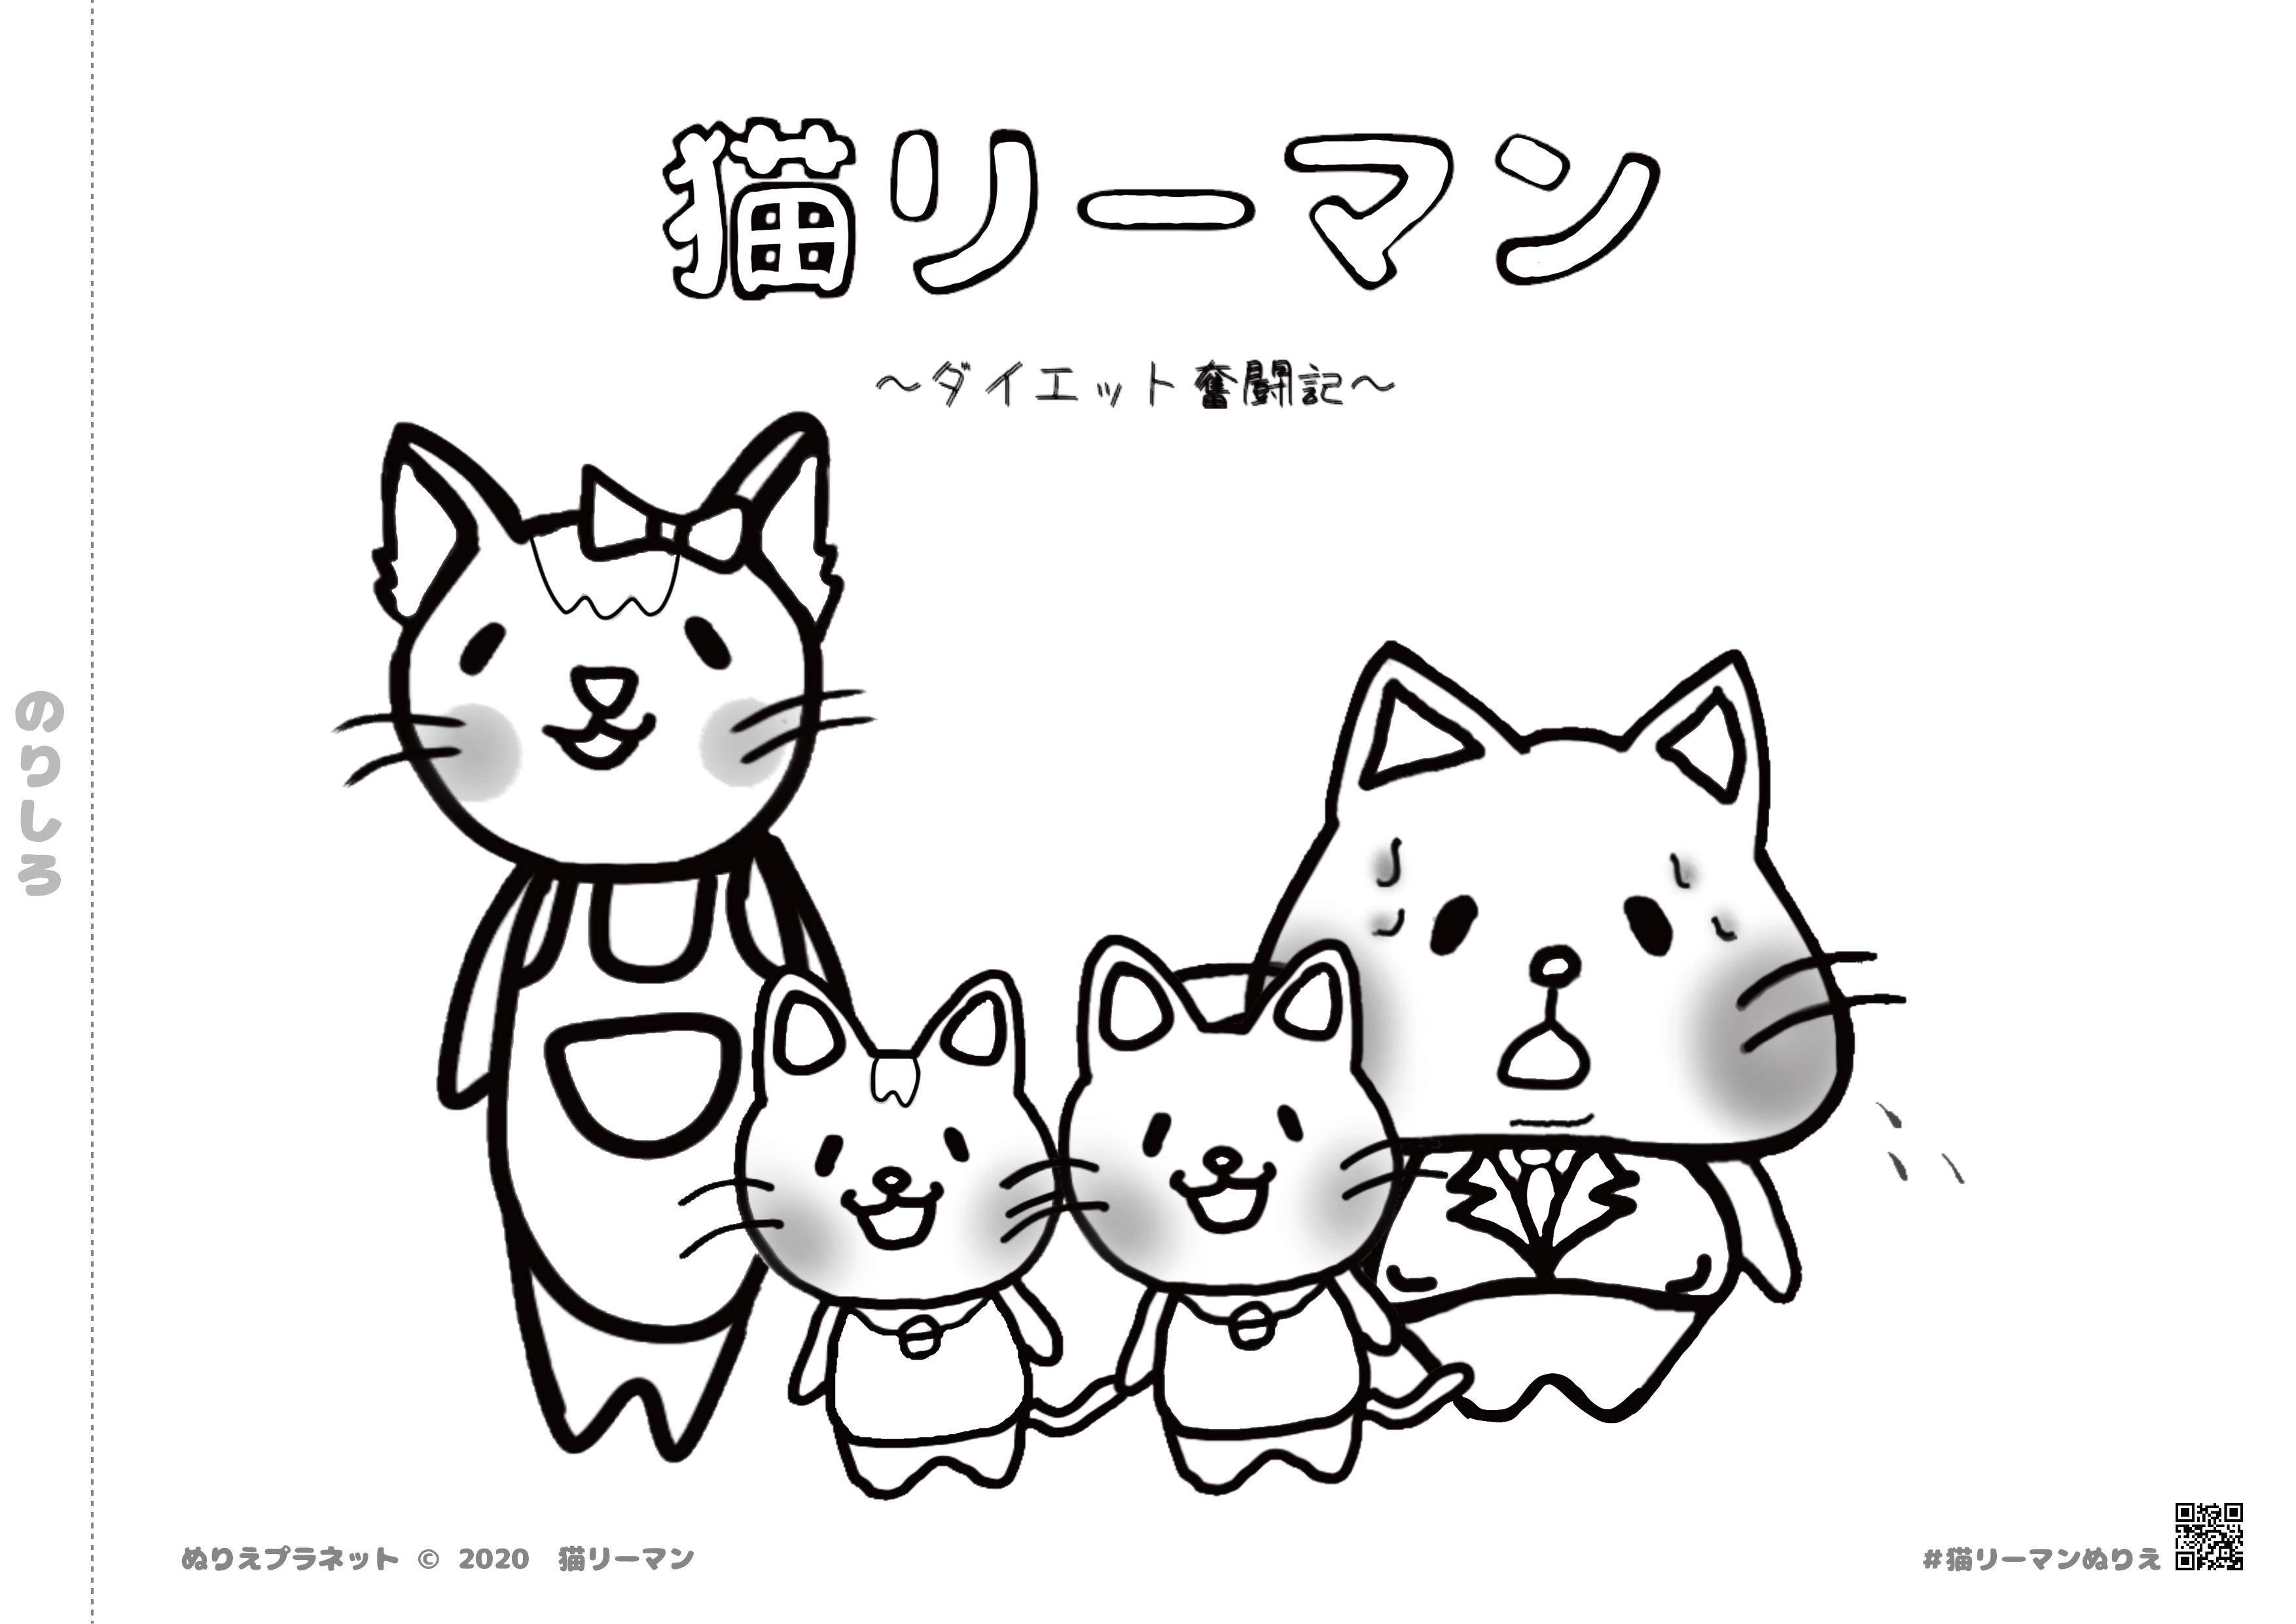 猫リーマンのパパ、ママ、子供達の家族のぬりえです。